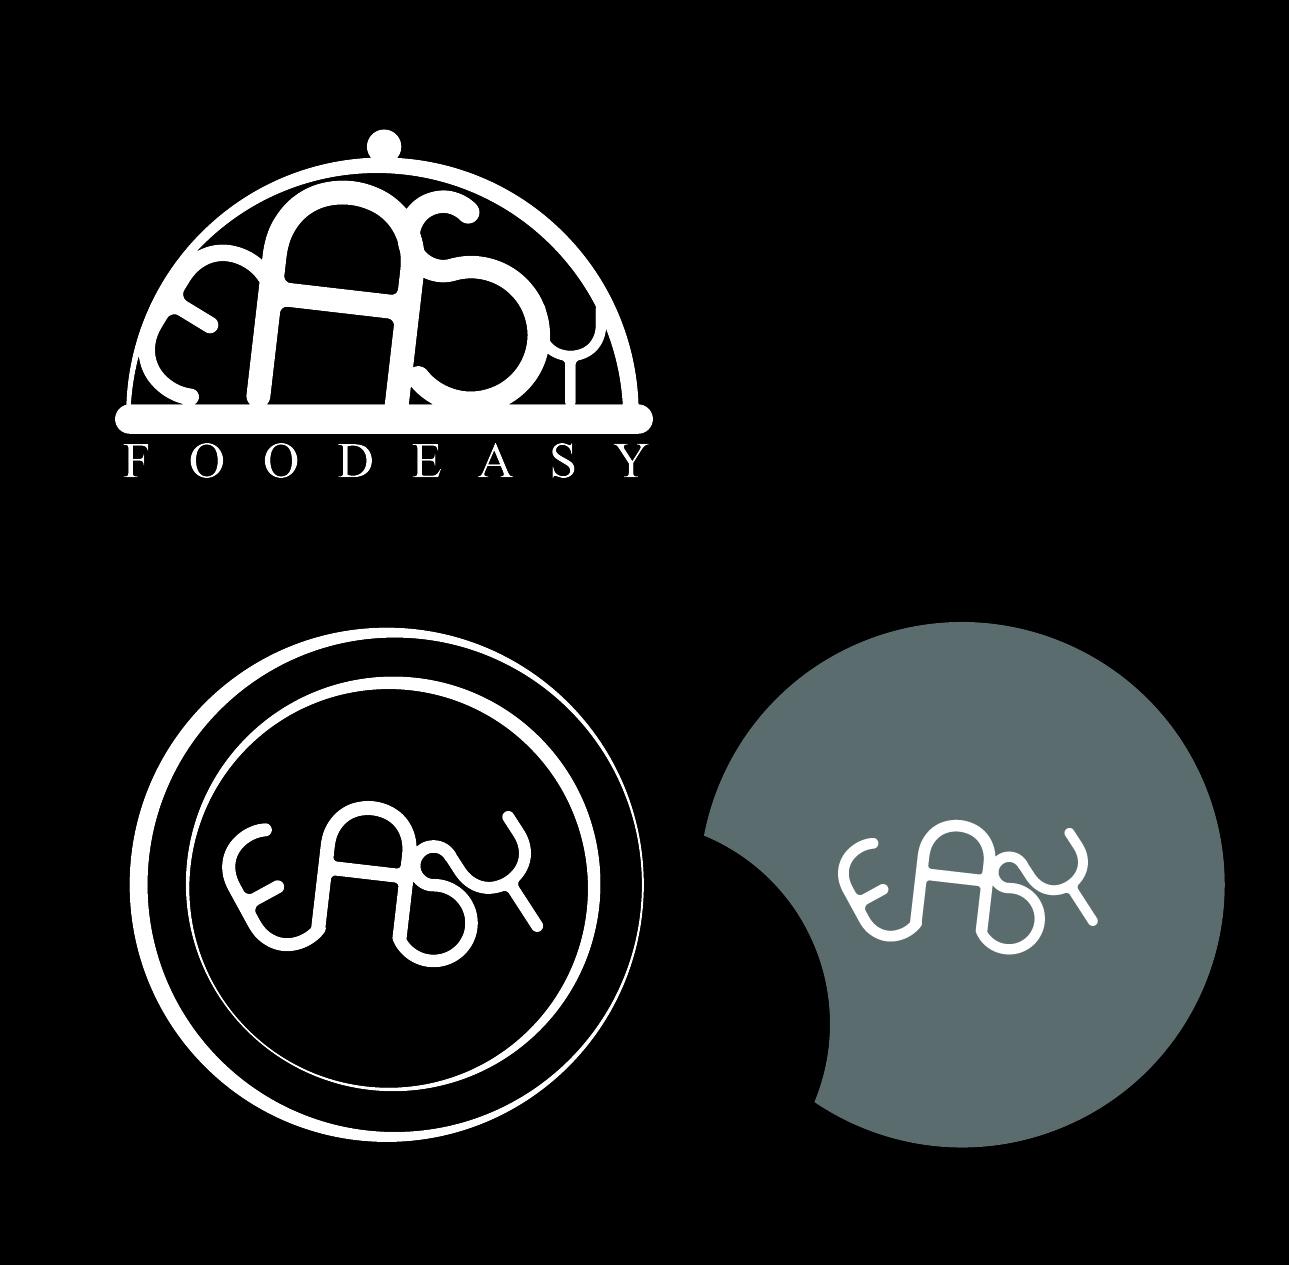 logo 1117 copy.jpg